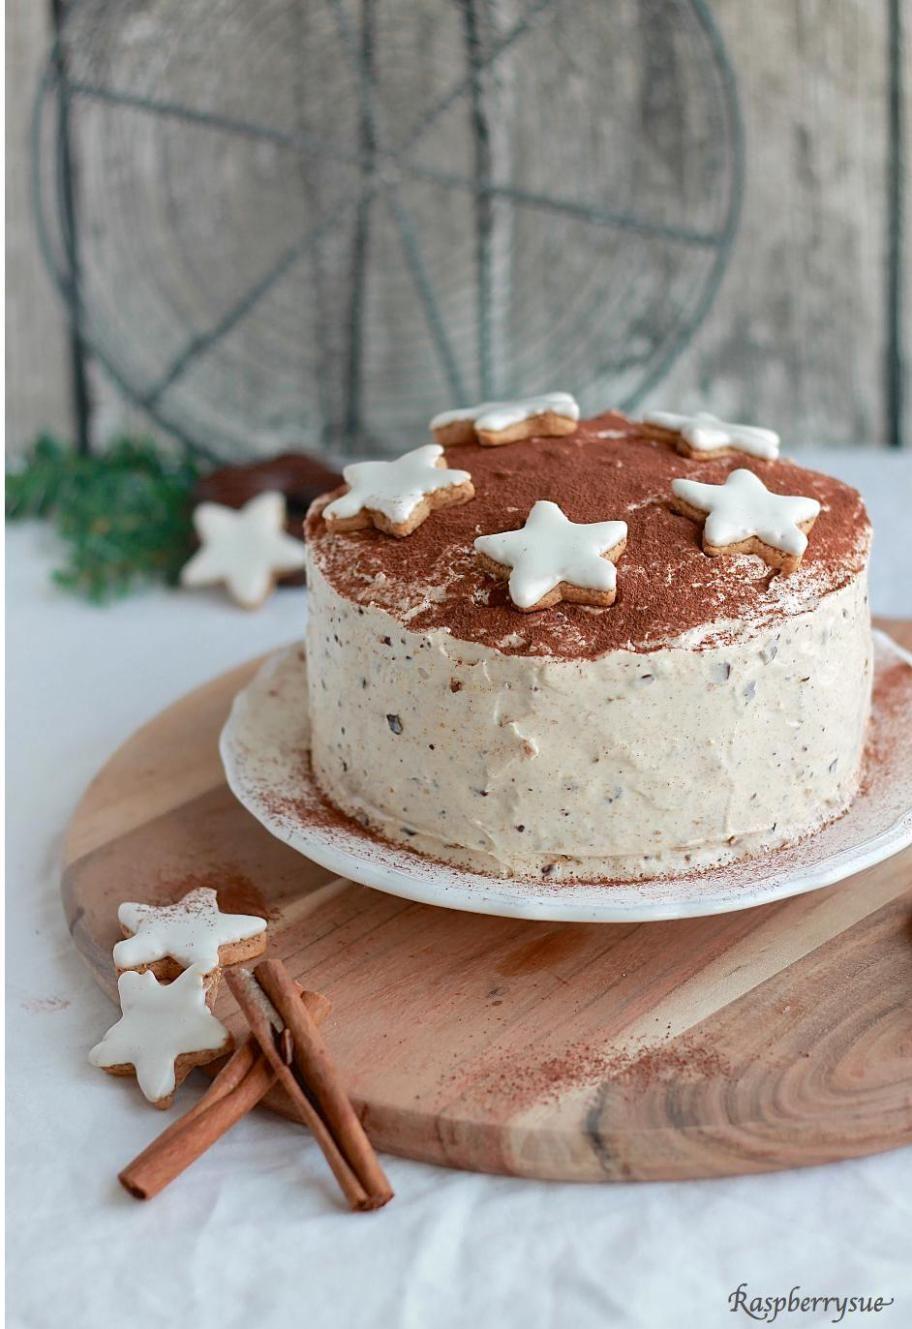 16 süße Back-Ideen für die Weihnachtstage | Kuchen und ...